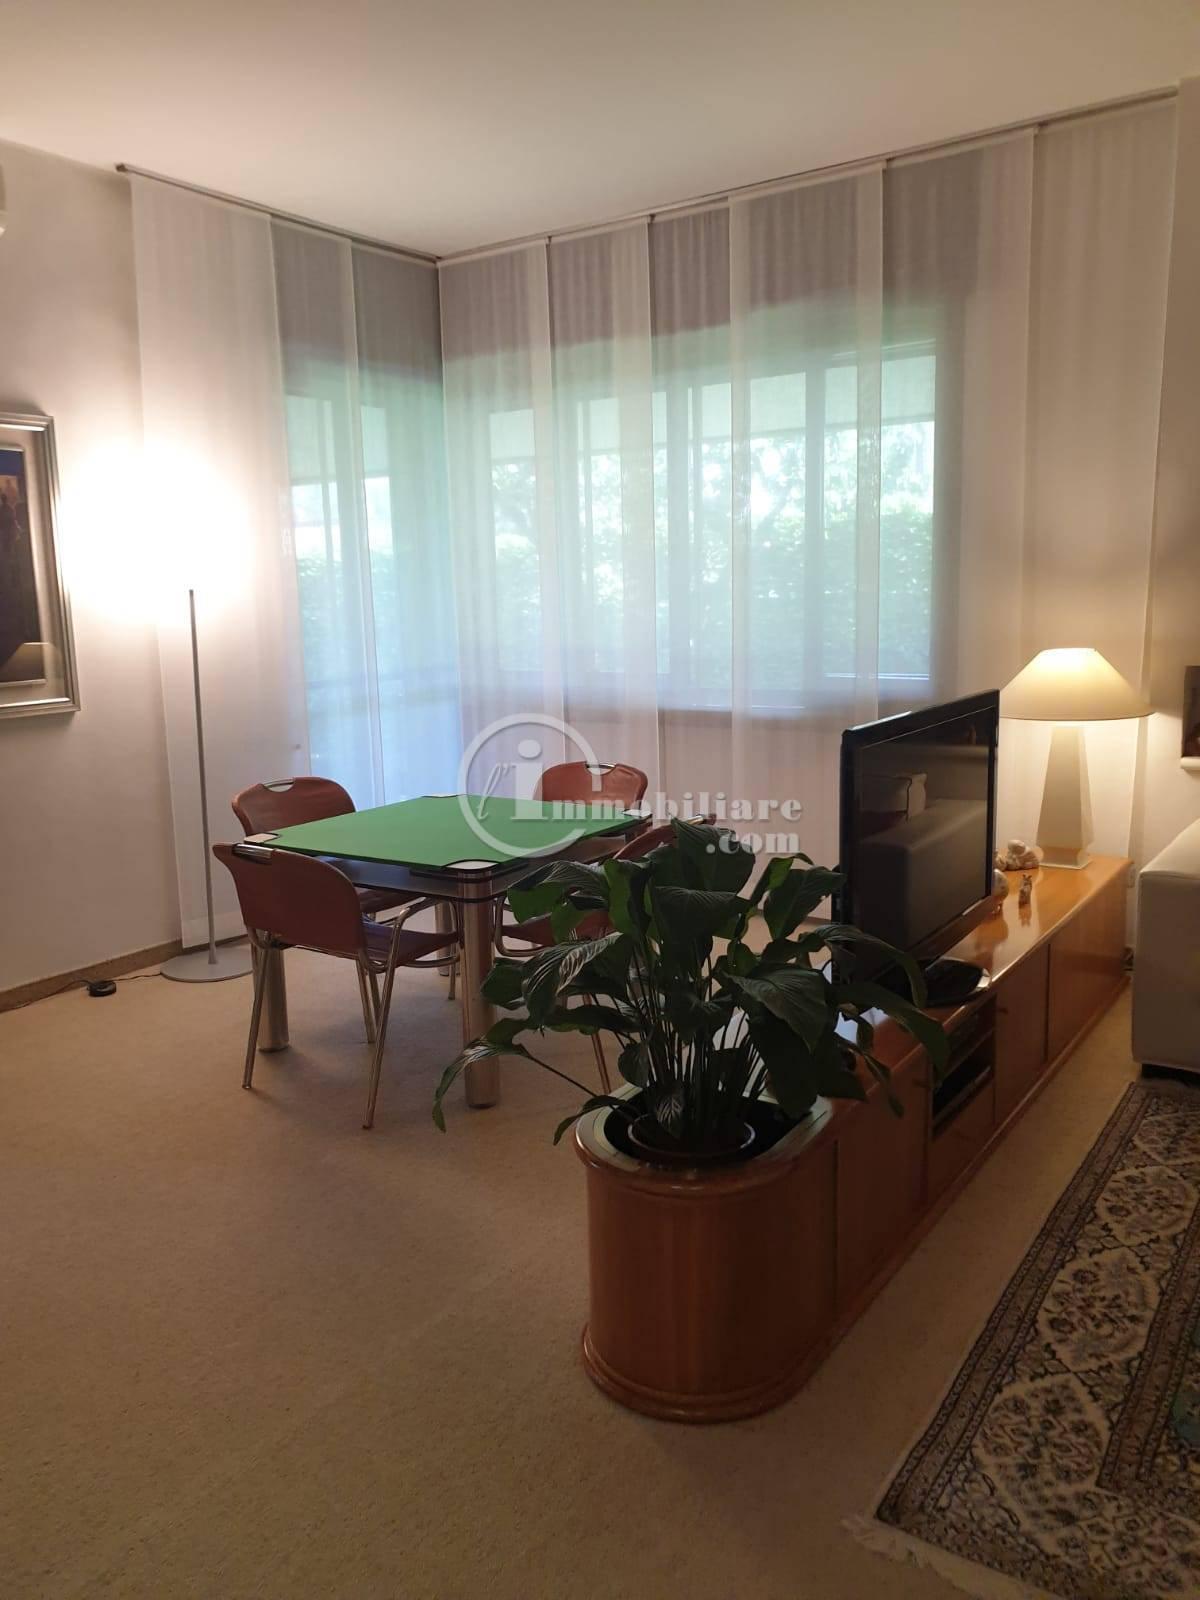 Villa in Vendita a Trezzano Sul Naviglio: 5 locali, 280 mq - Foto 7